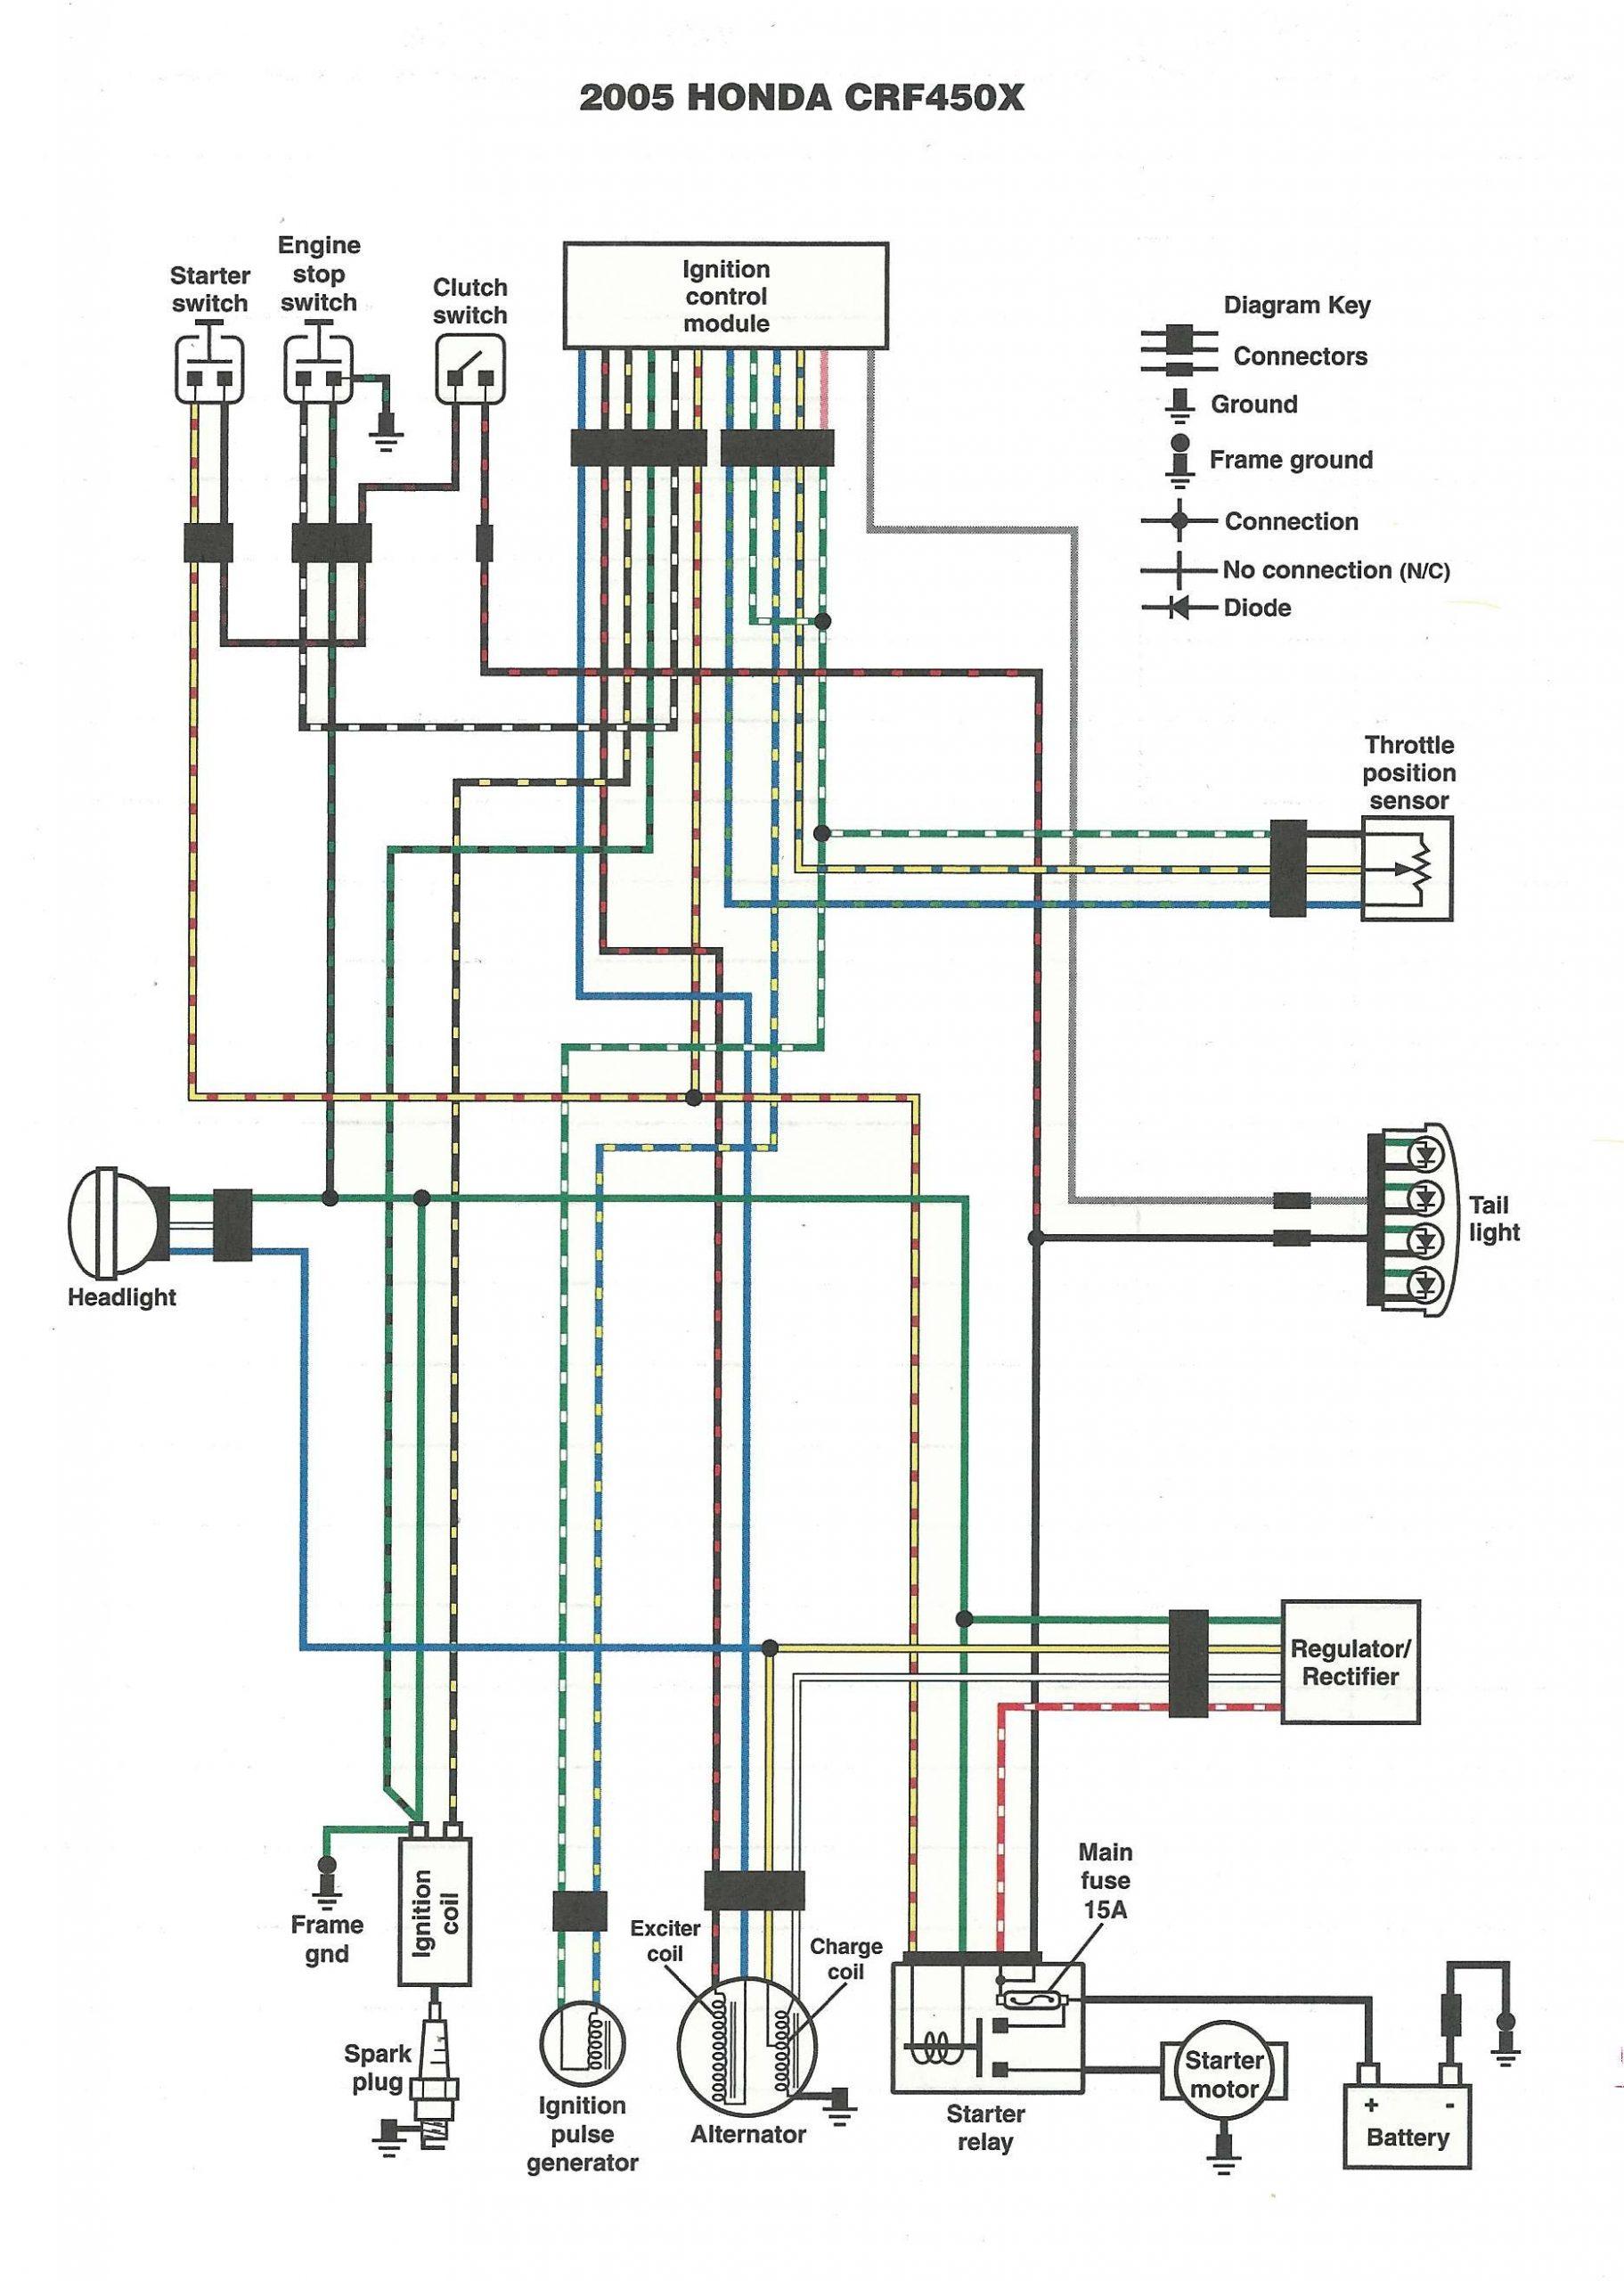 4020 wiring diagram